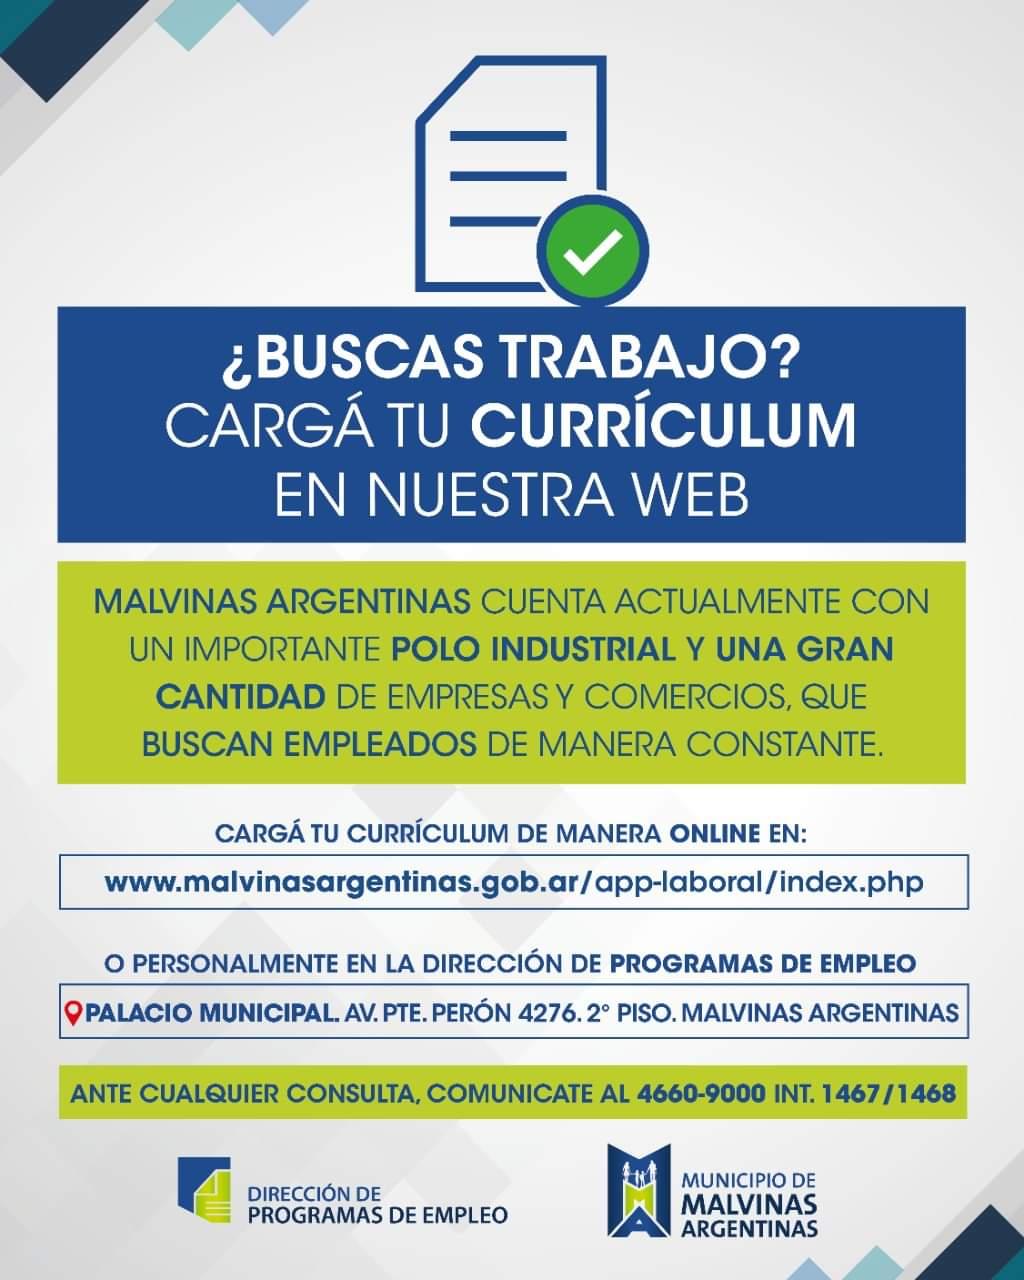 Malvinas Argentinas cuenta con una Oficina de Empleos abierta a búsquedas laborales Fb_img16